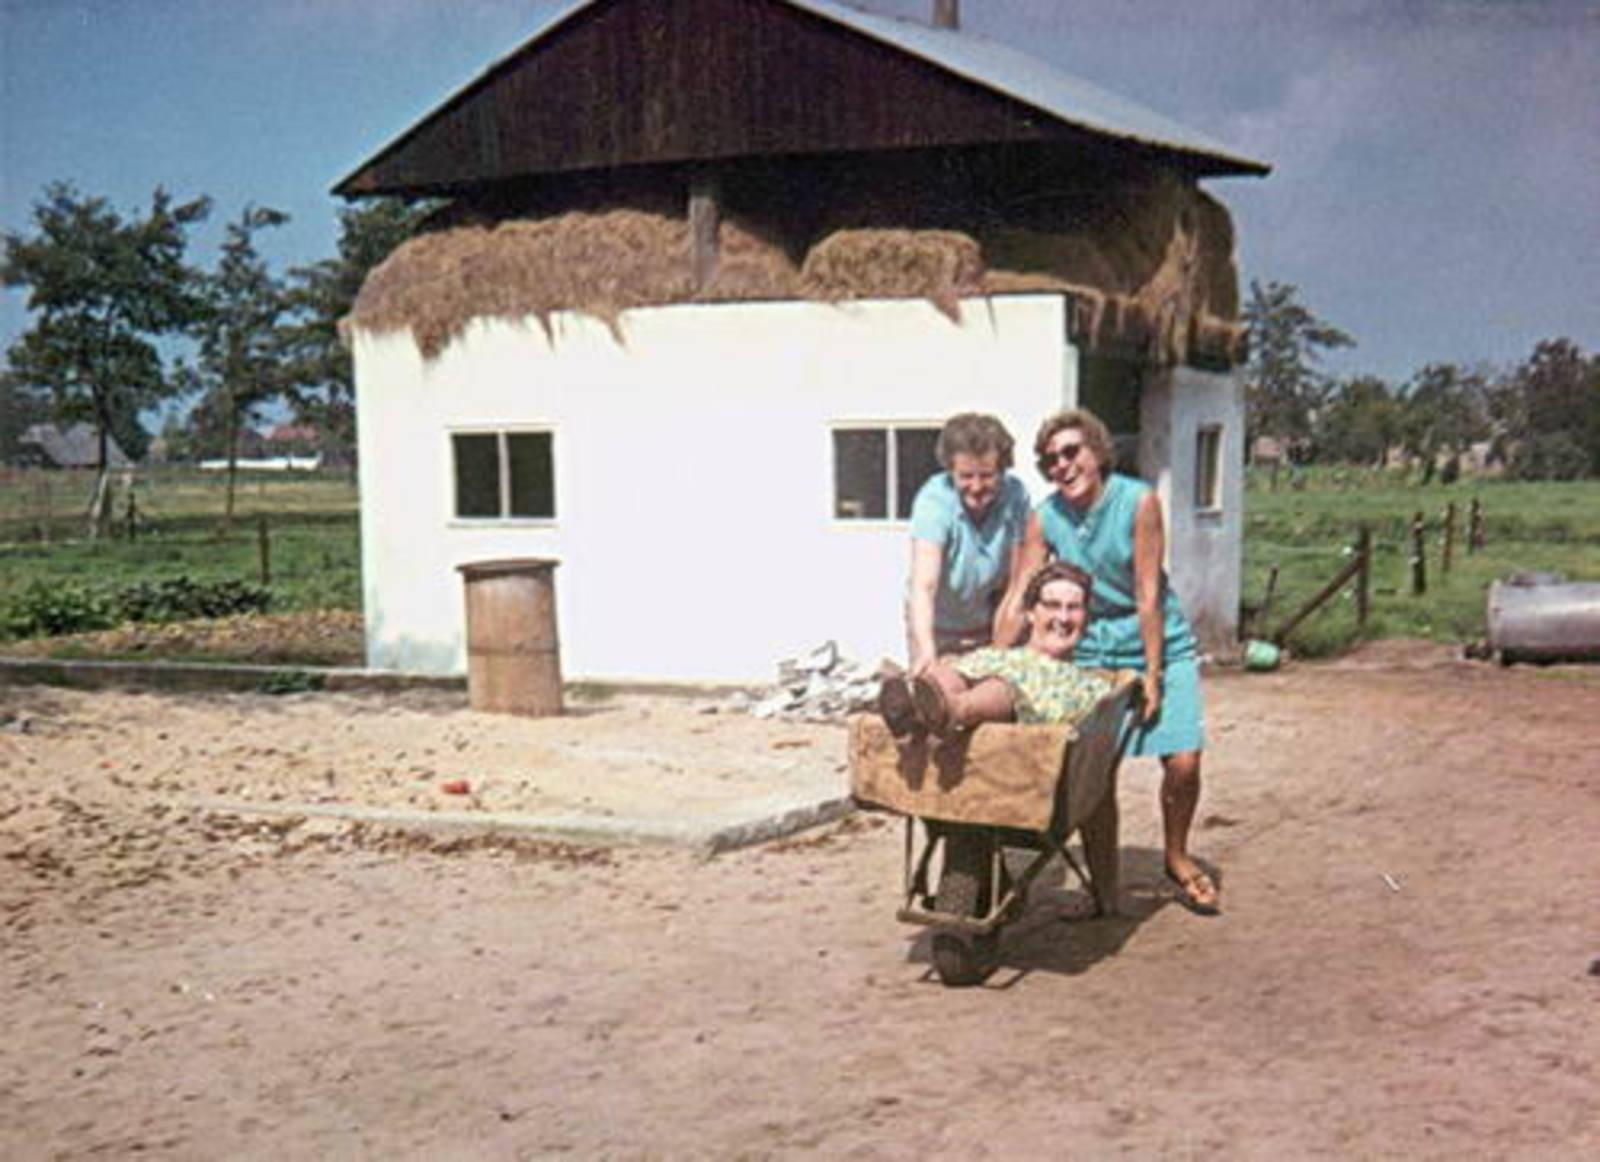 Imanse - Bliek Leentje 1920 1966 met Kaartclub de Jokervrouwen in Putten 02